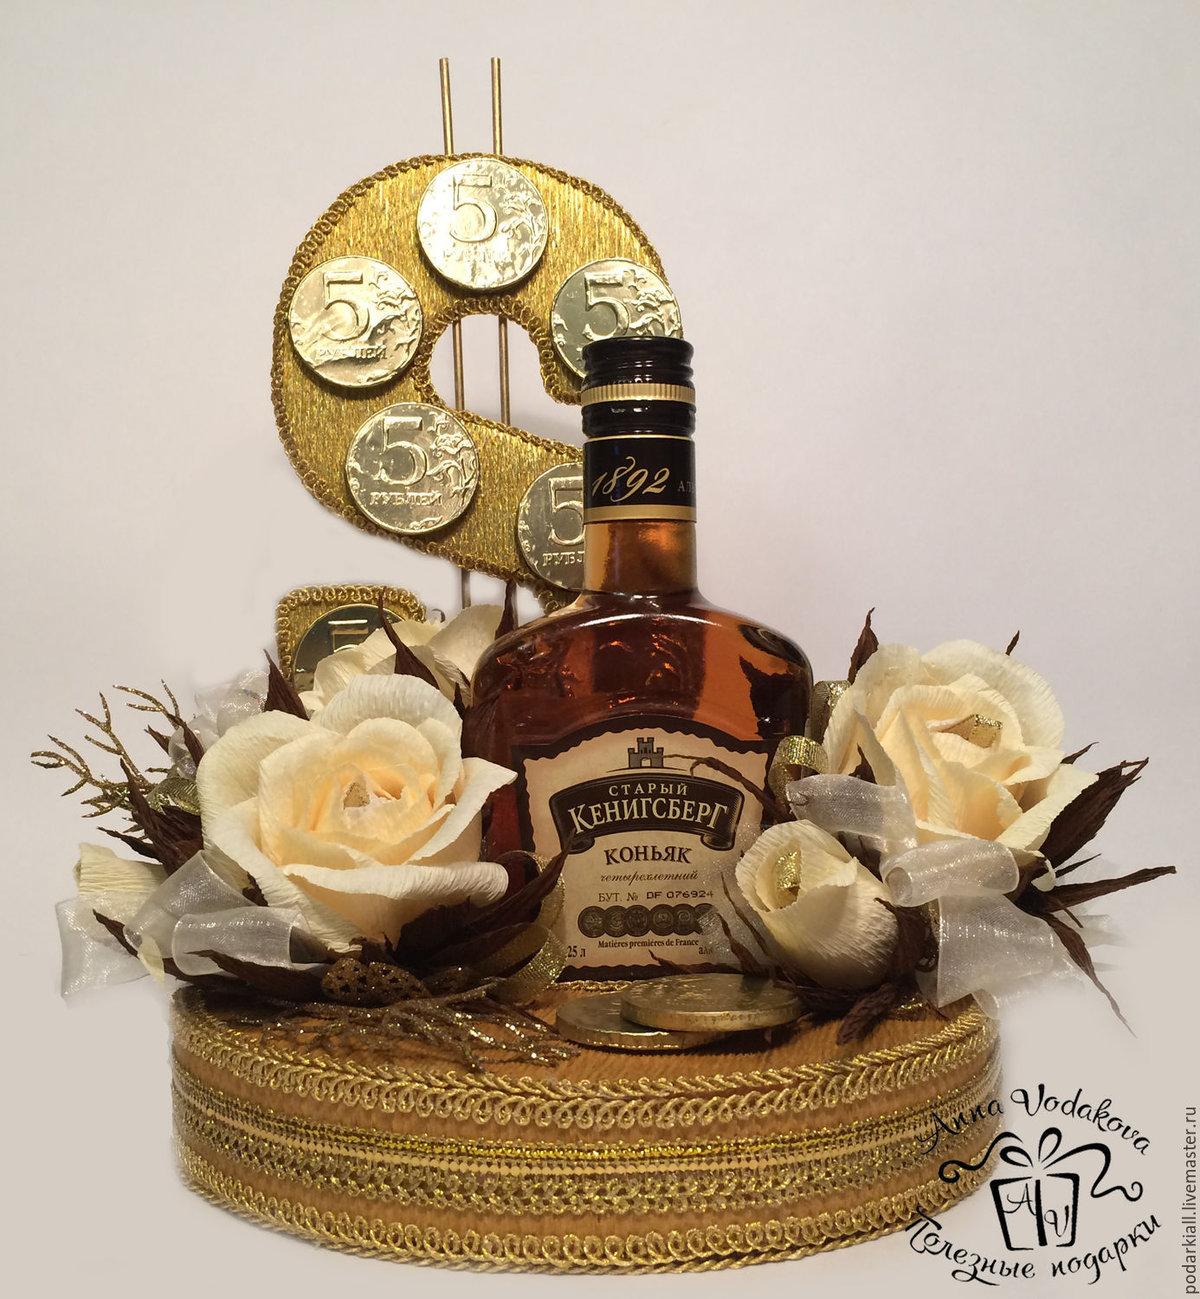 Фото подарков на день рождения для мужчины